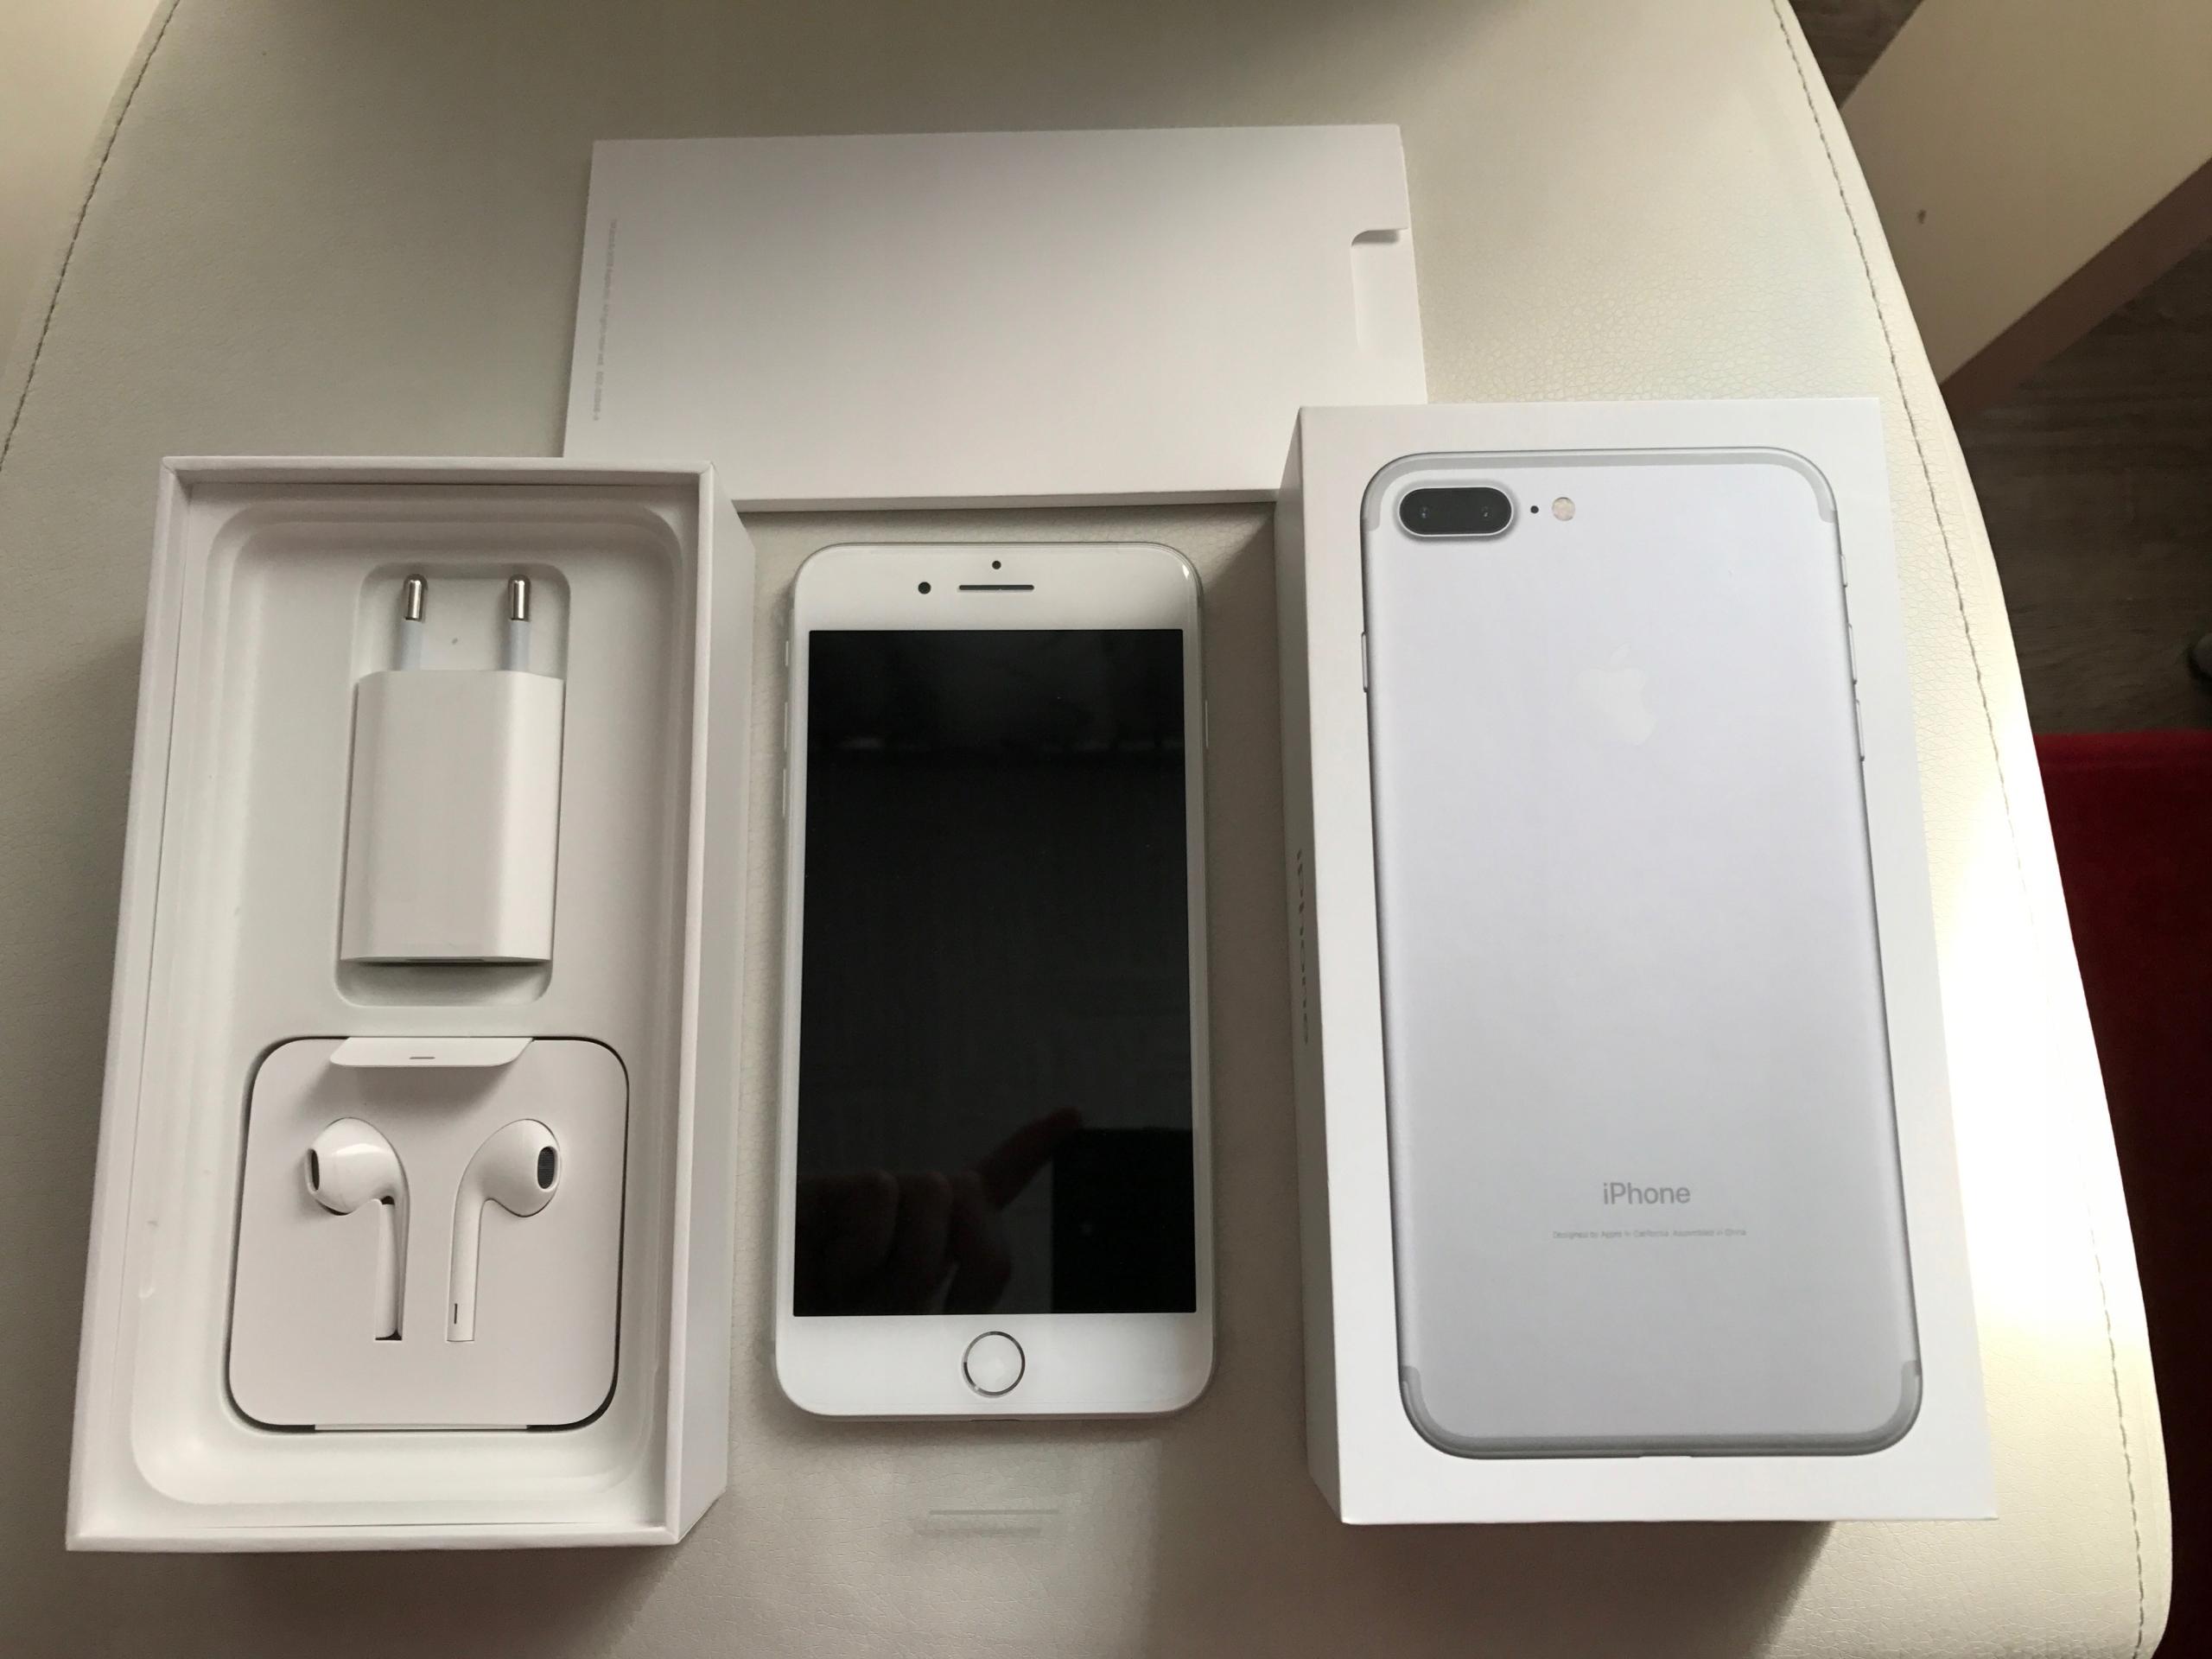 Smartfon apple iPhone 7 128GB, srebrny Fiyat ve zellikleri GittiGidiyorda! Apple iPhone 7 Plus 128GB, zwart - Prijzen